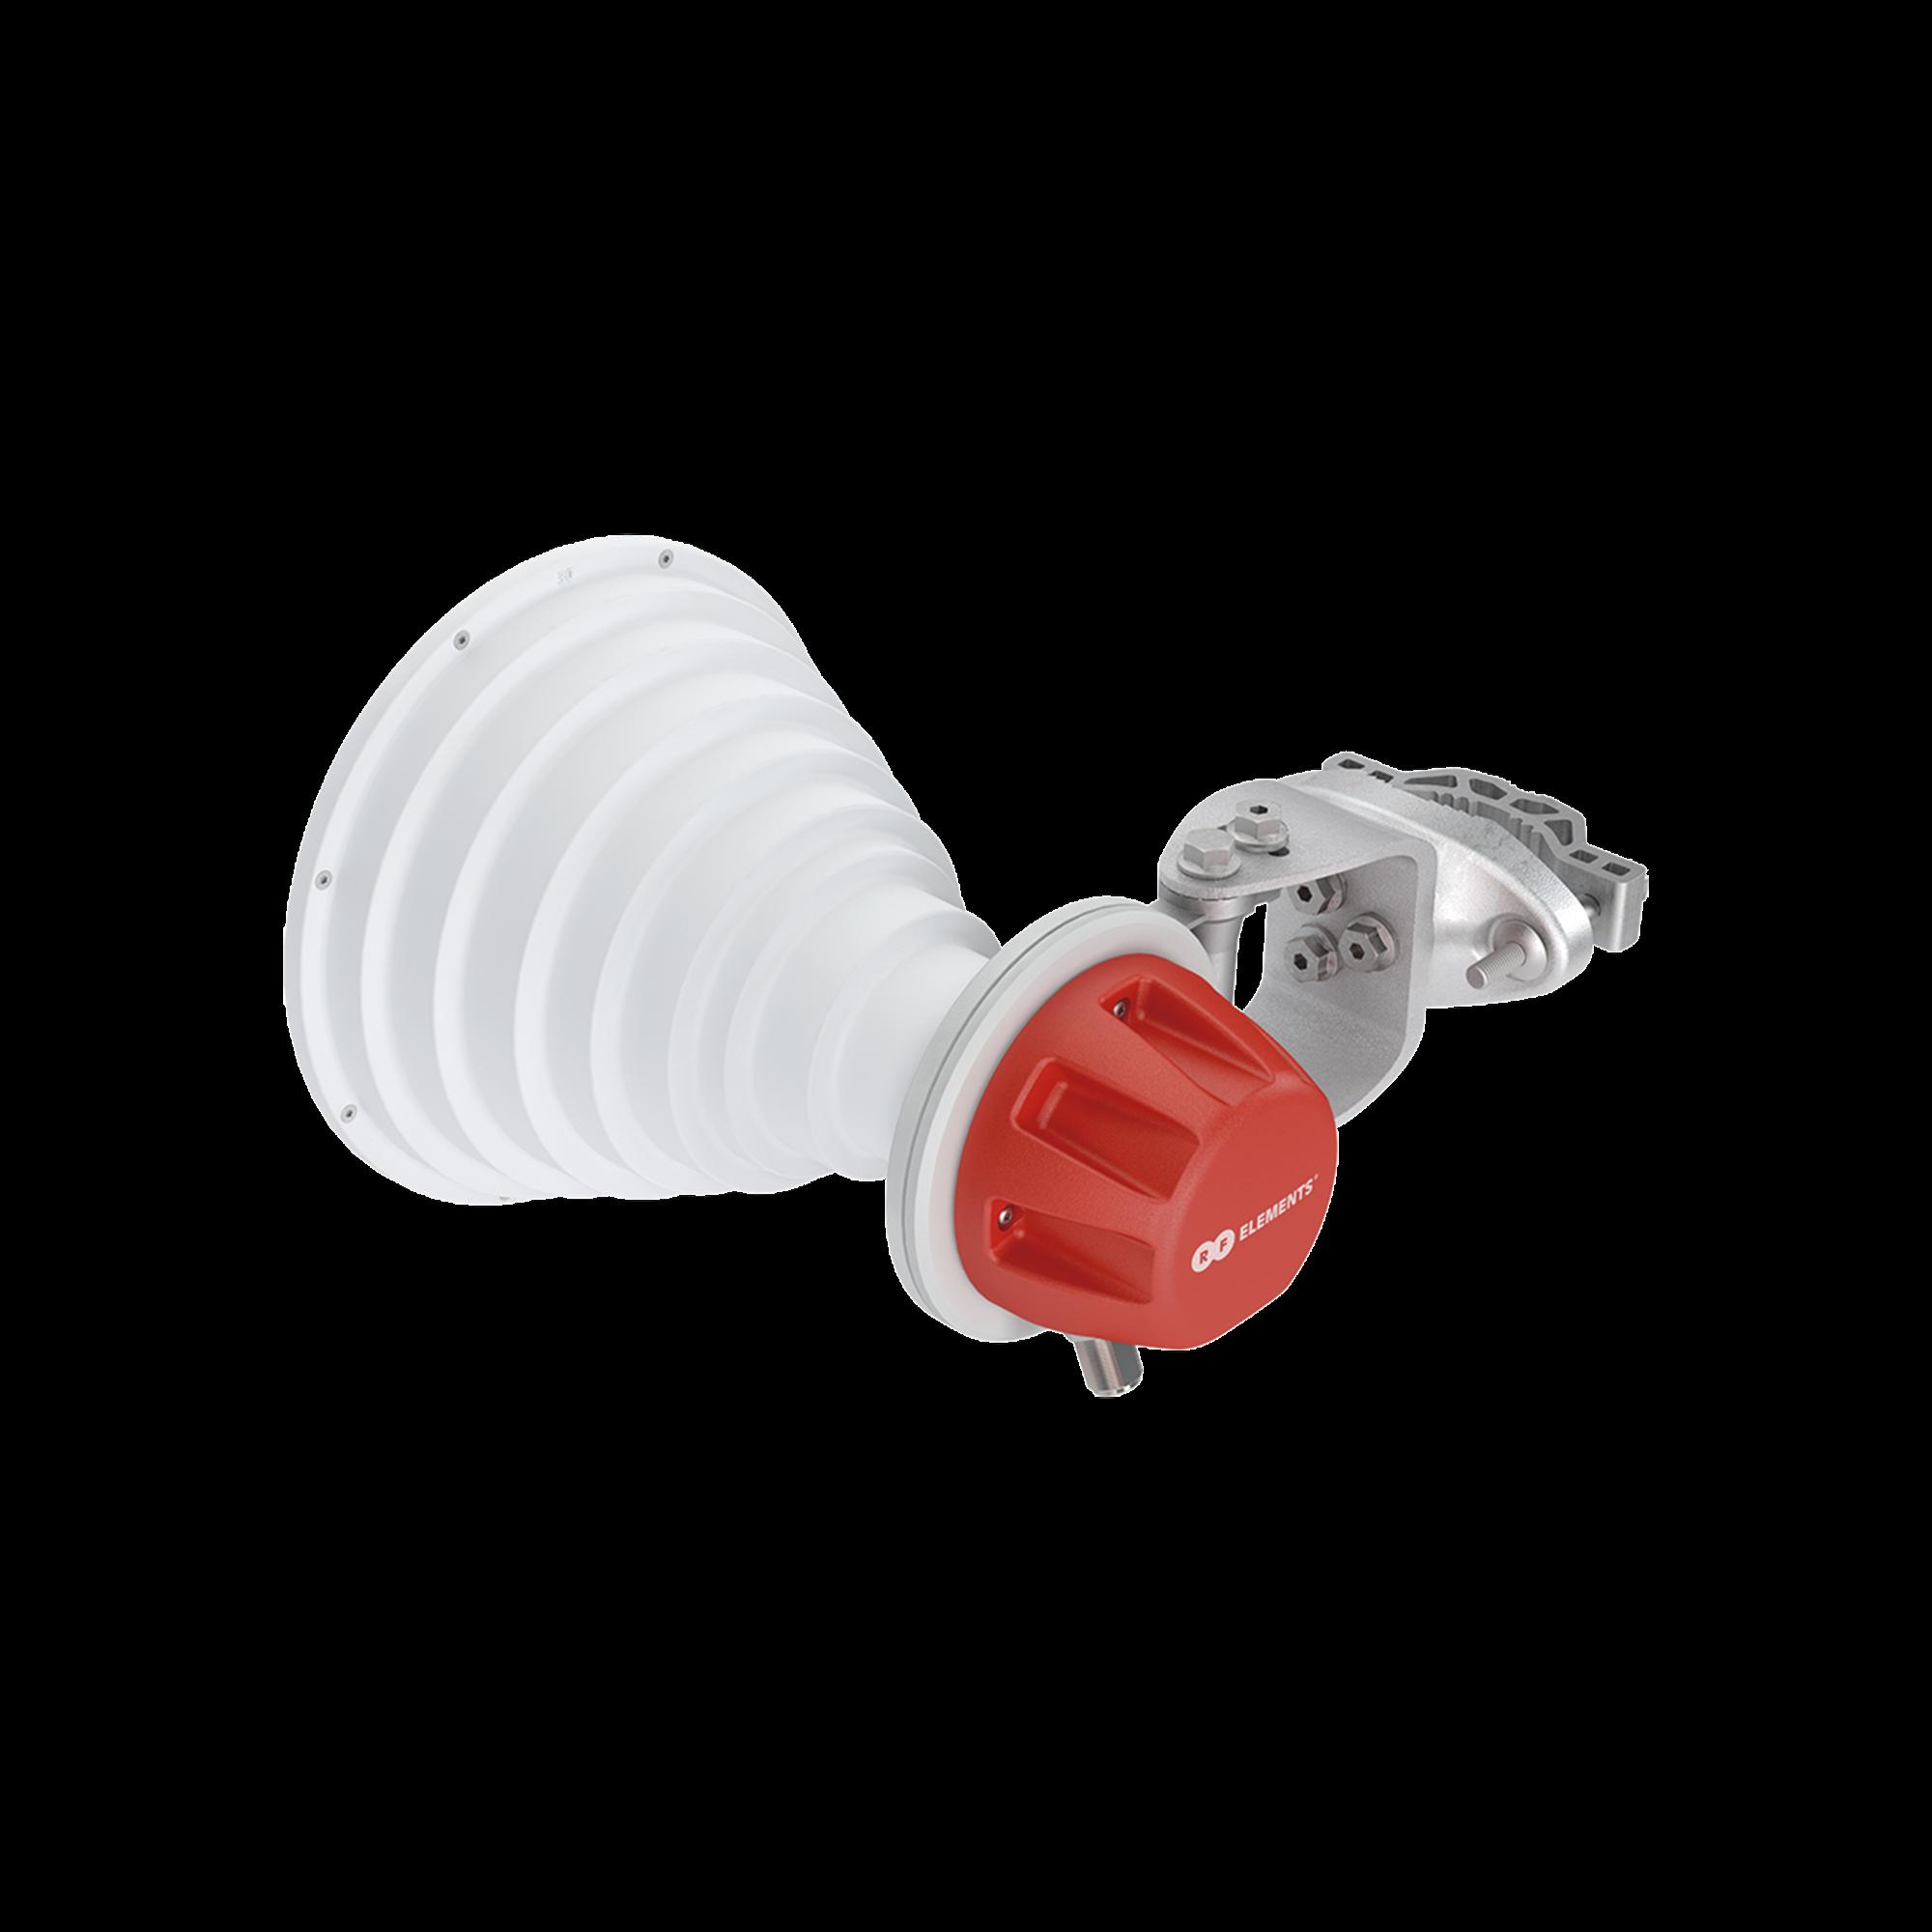 Antena Sectorial Simétrica Carrier Class GEN2 de 30? 18.4 dBi 5180-6400 MHz conectorizada soporte mejorado y mayor calidad de materiales para ambientes de alto ruido